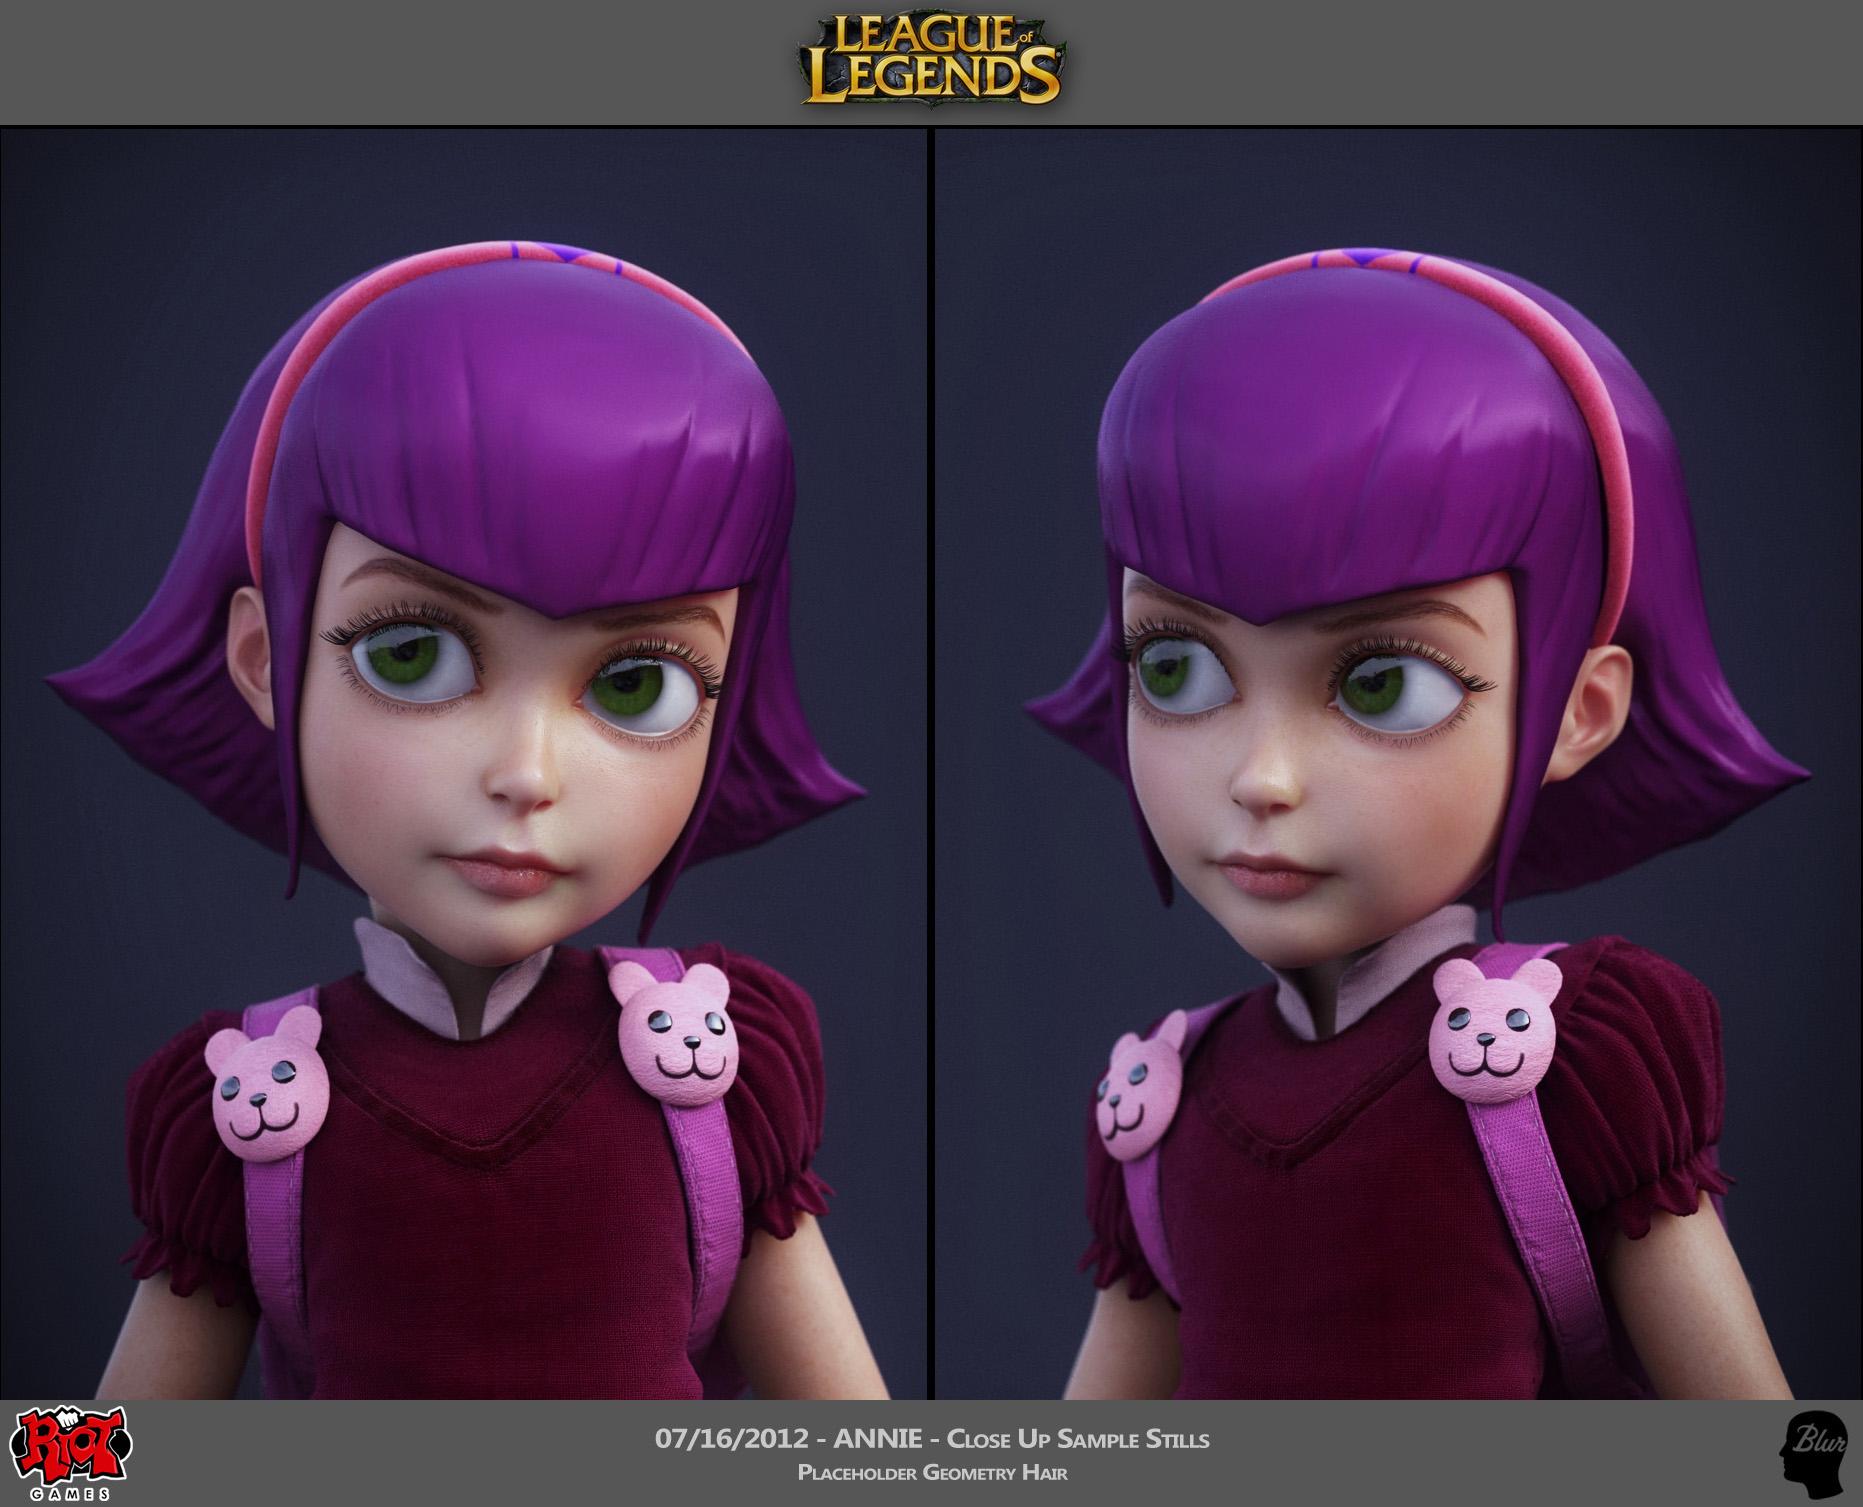 League of Legends — James Ku - CG Character Artist